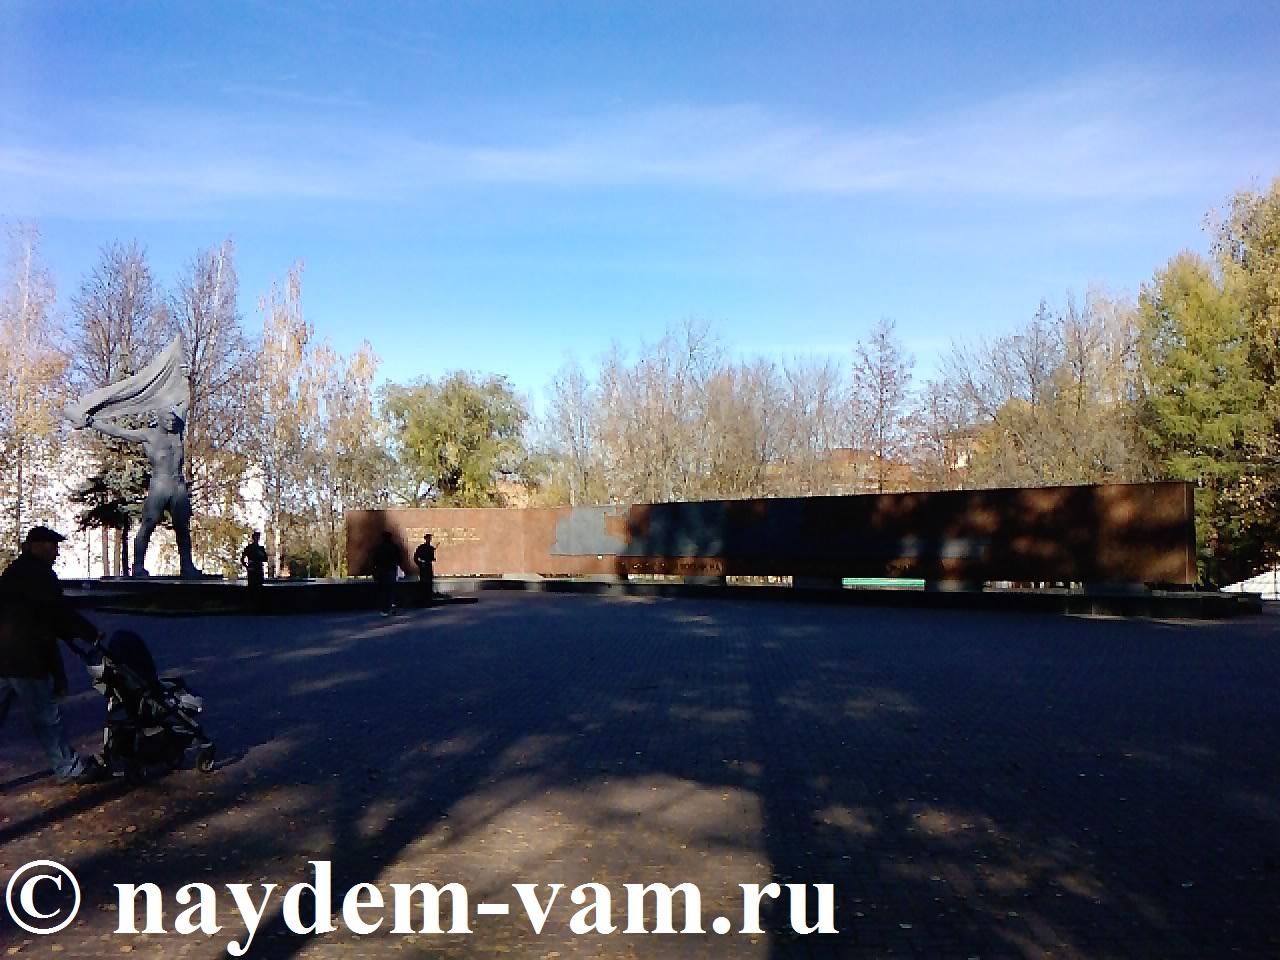 http://s2.uploads.ru/85ZbK.jpg